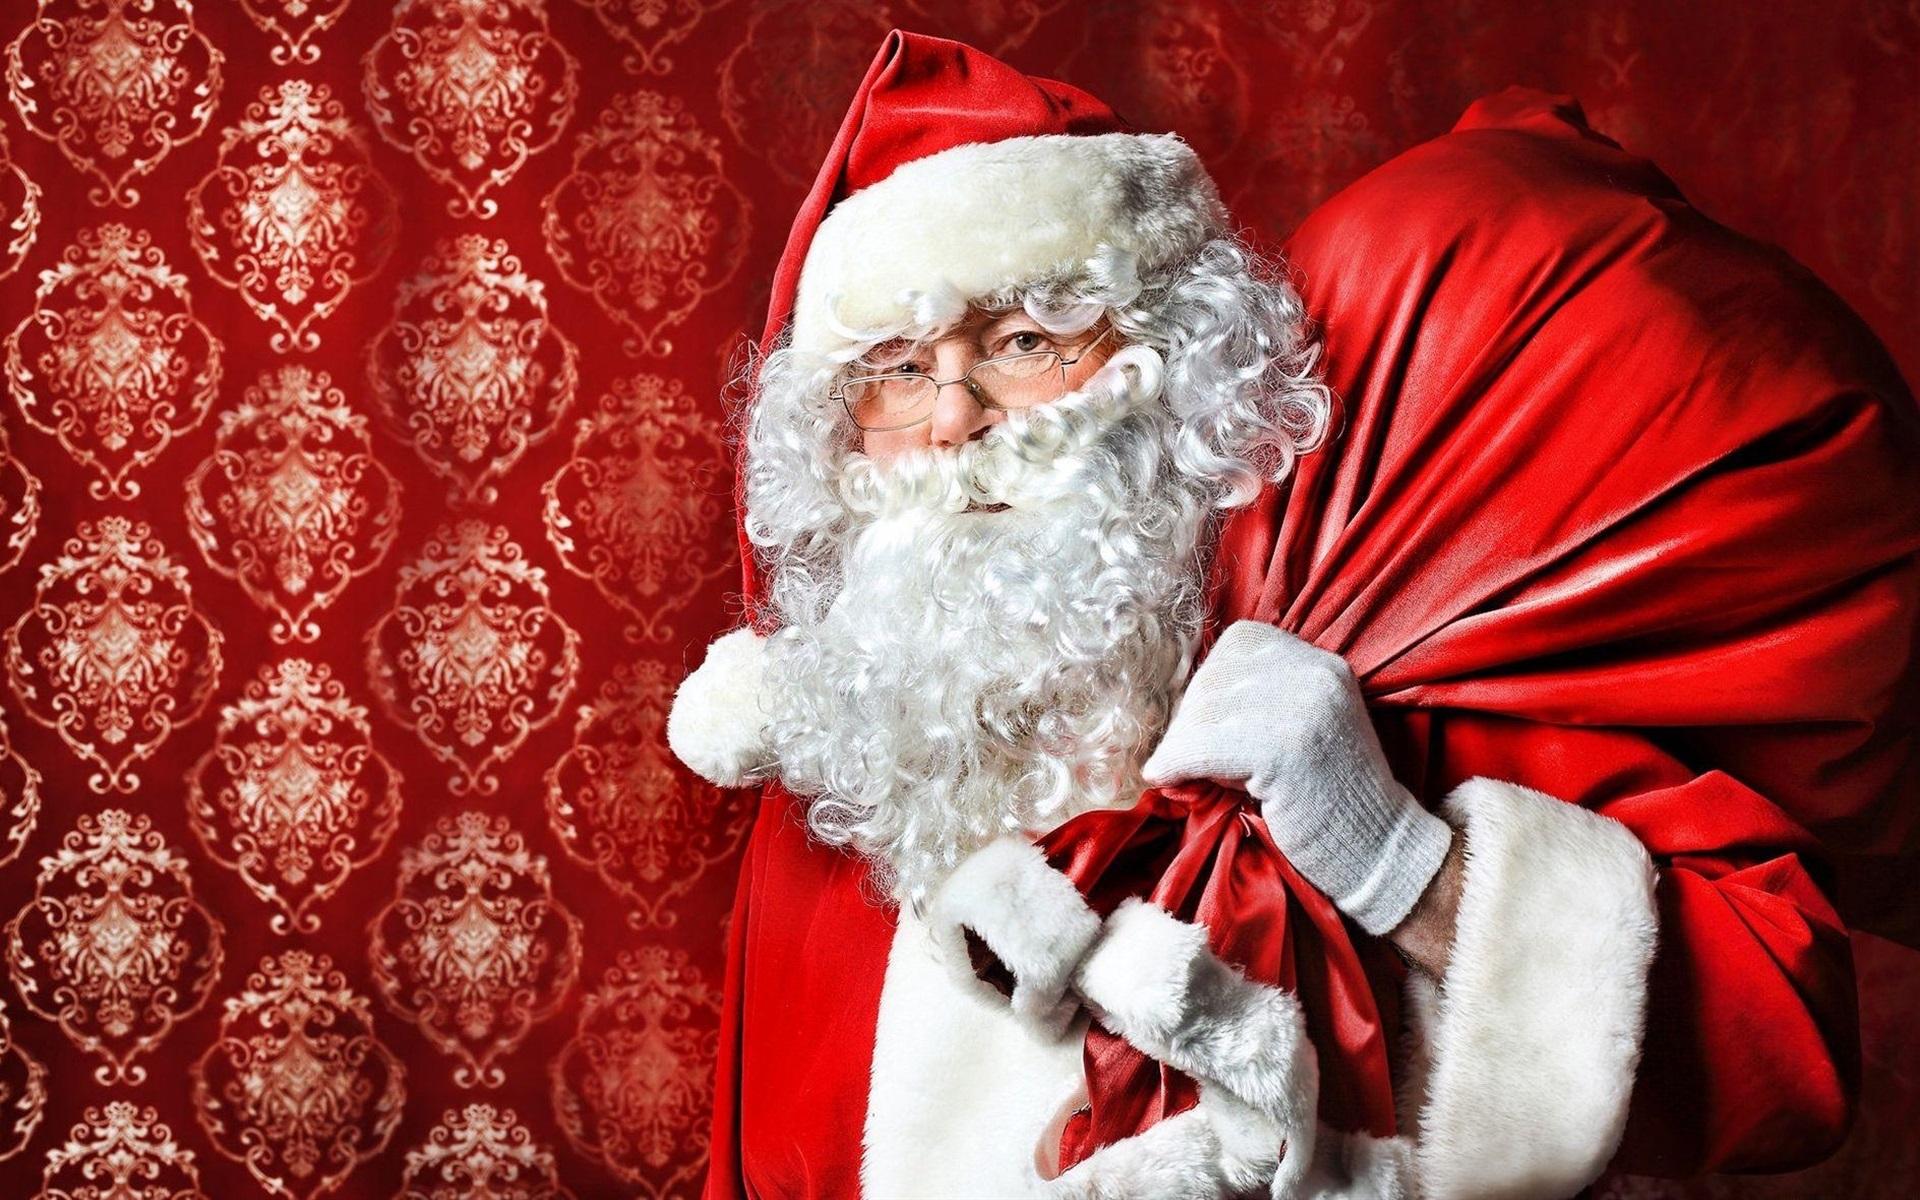 Weihnachten Hd Bilder.Weihnachtsmann Brille Geschenktüte Weihnachten 1920x1200 Hd